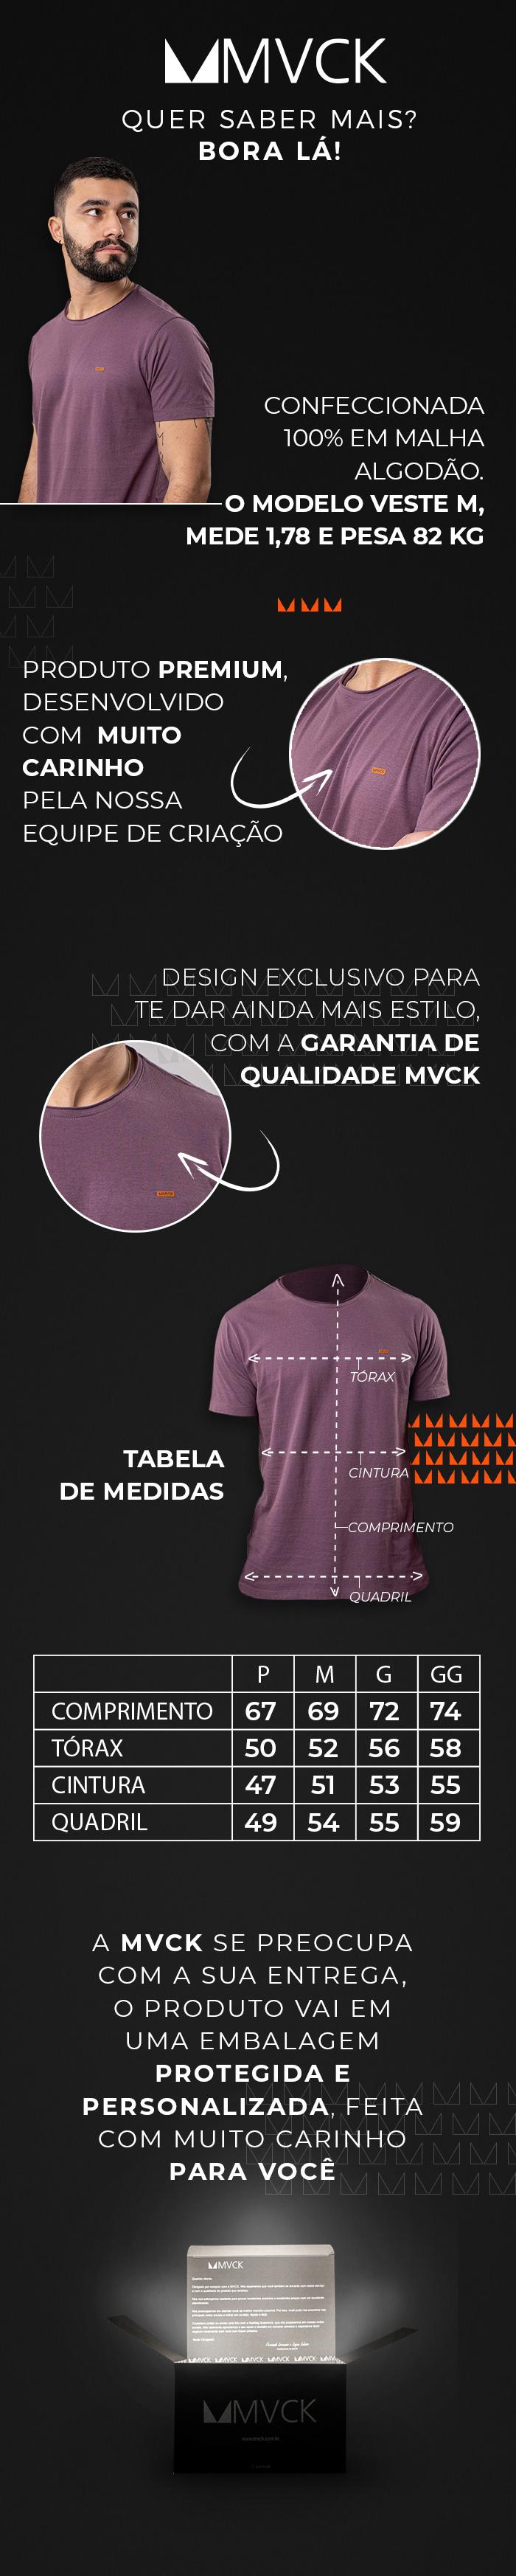 Descrição Camiseta Masculina Roxa